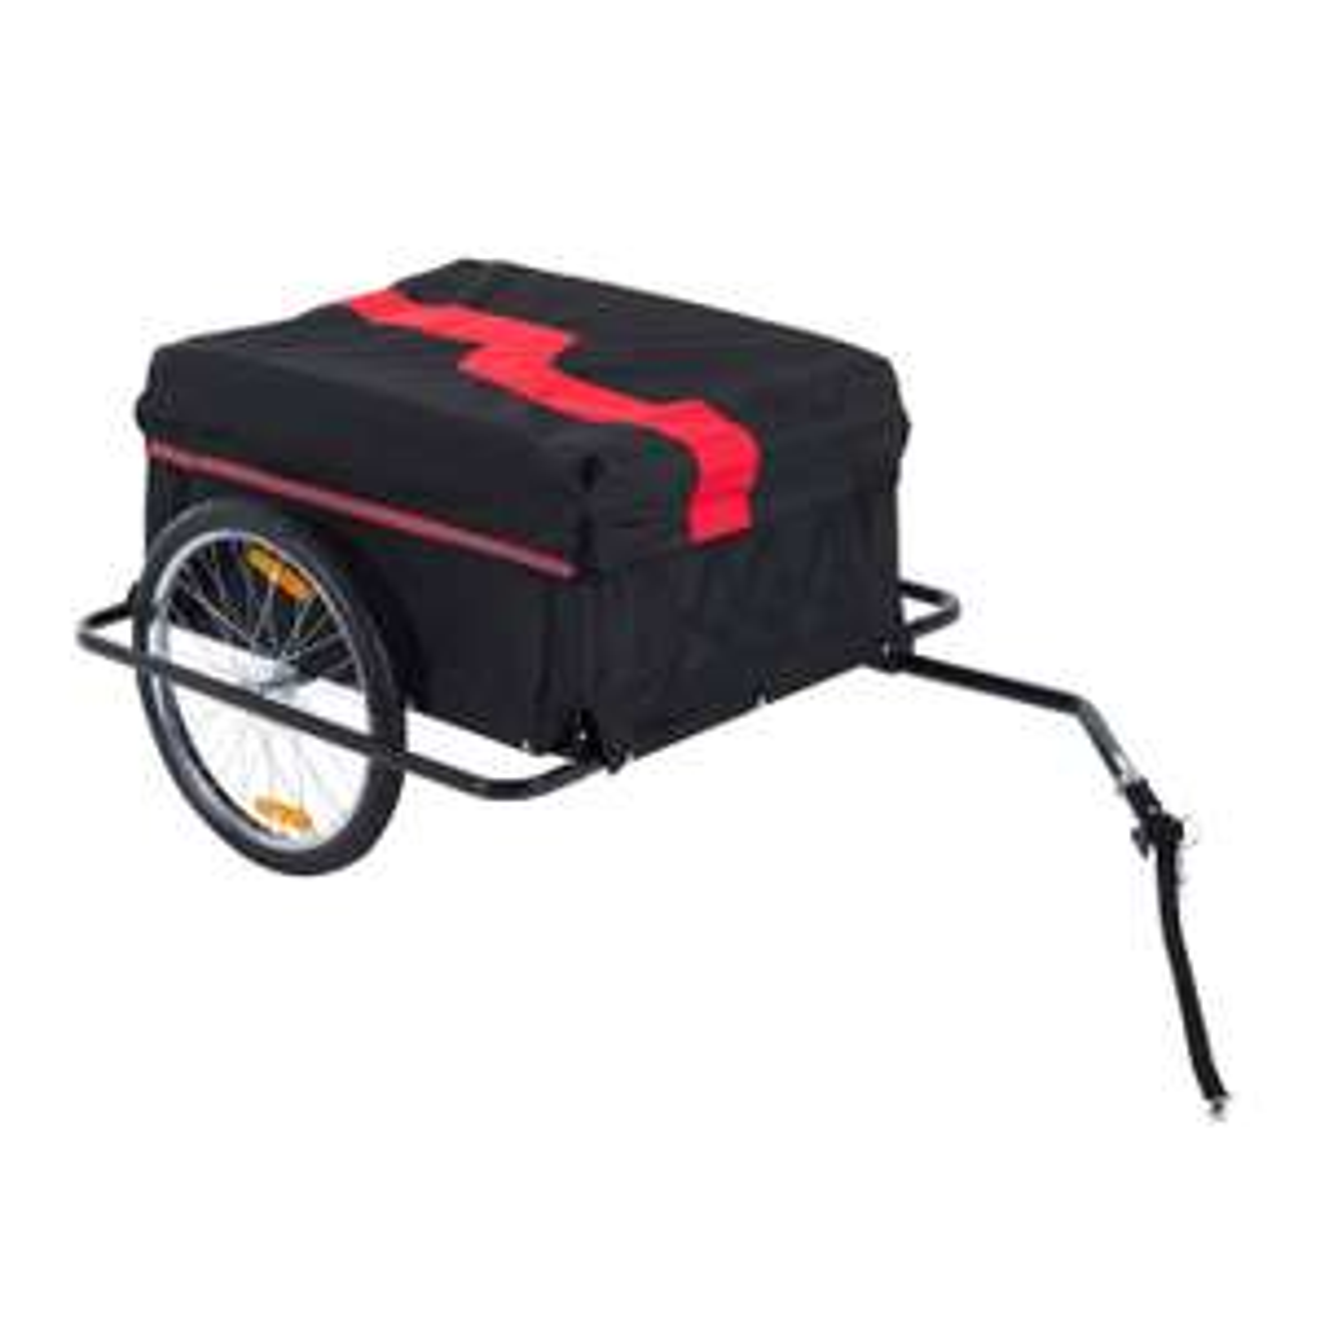 Homcom Transportanhänger für Fahrräder schwarz/rot Fahrradanhänger